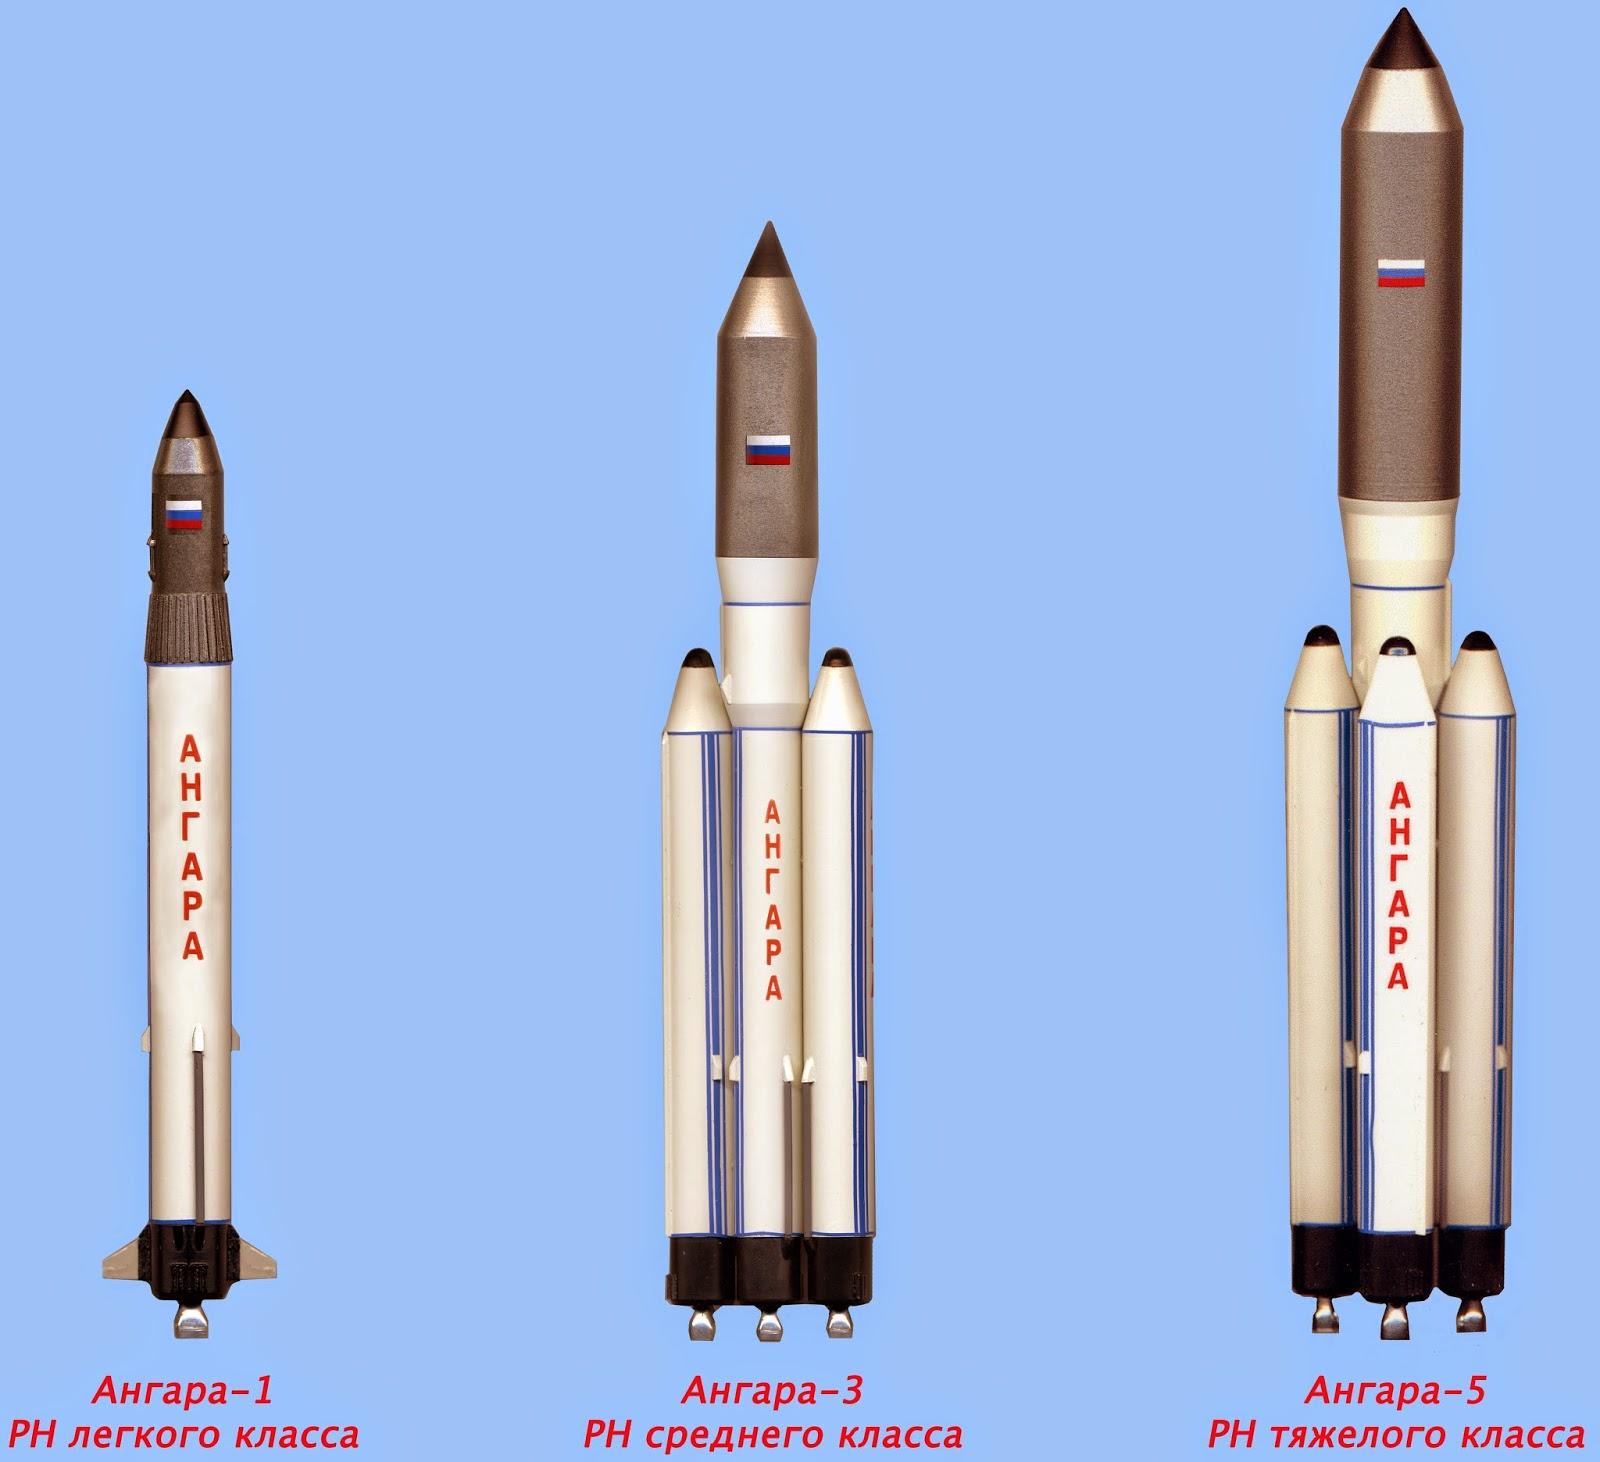 Схема все ракеты россии